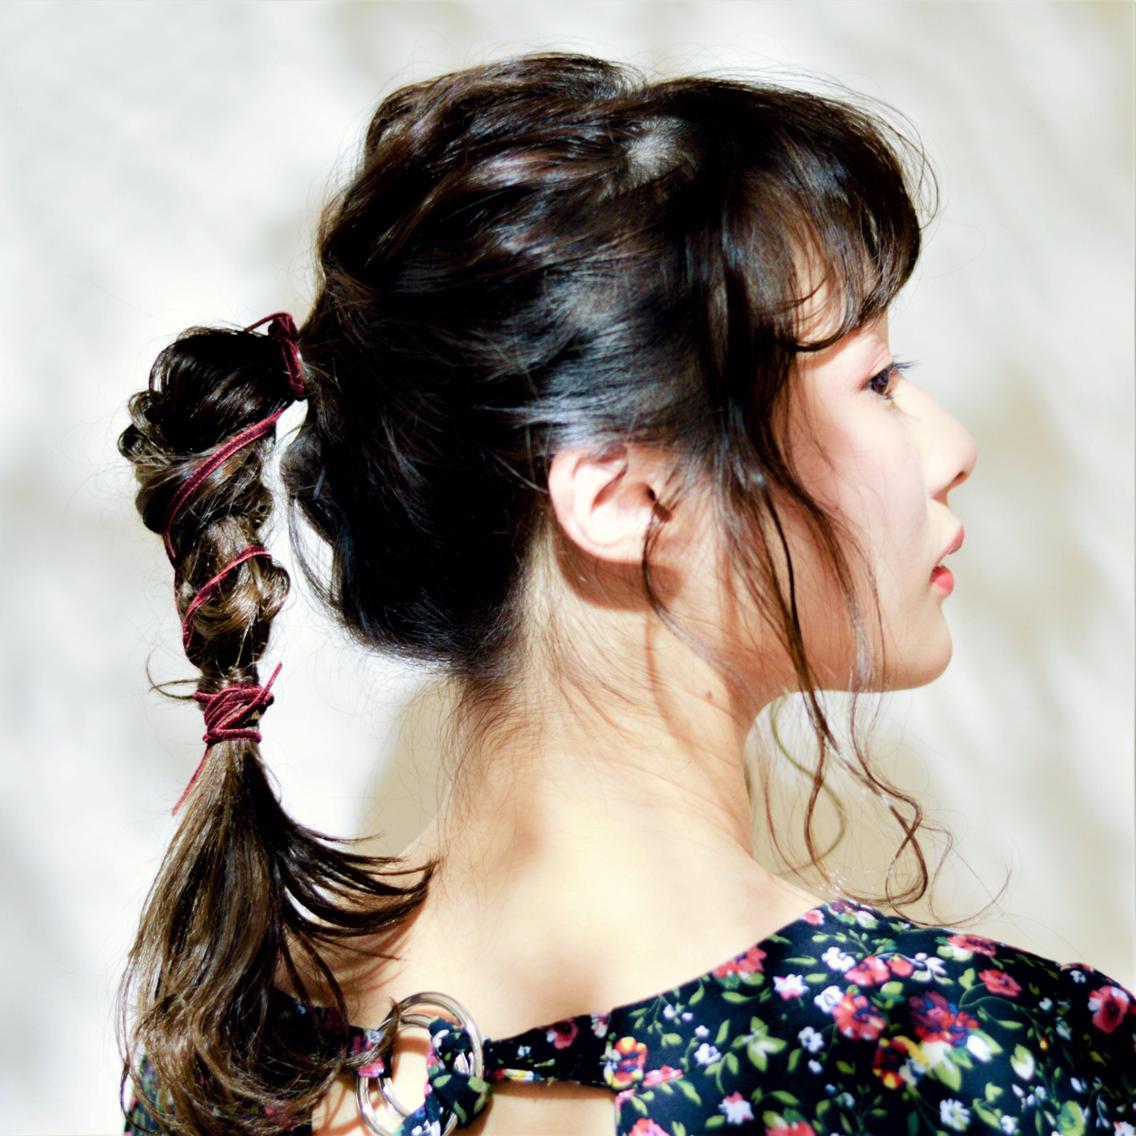 ◆撮影モデル募集中(◍⁃͈ᴗ•͈)४४४♡* 可愛いいの大好きな子ぜひお願いしますm(__)m♡